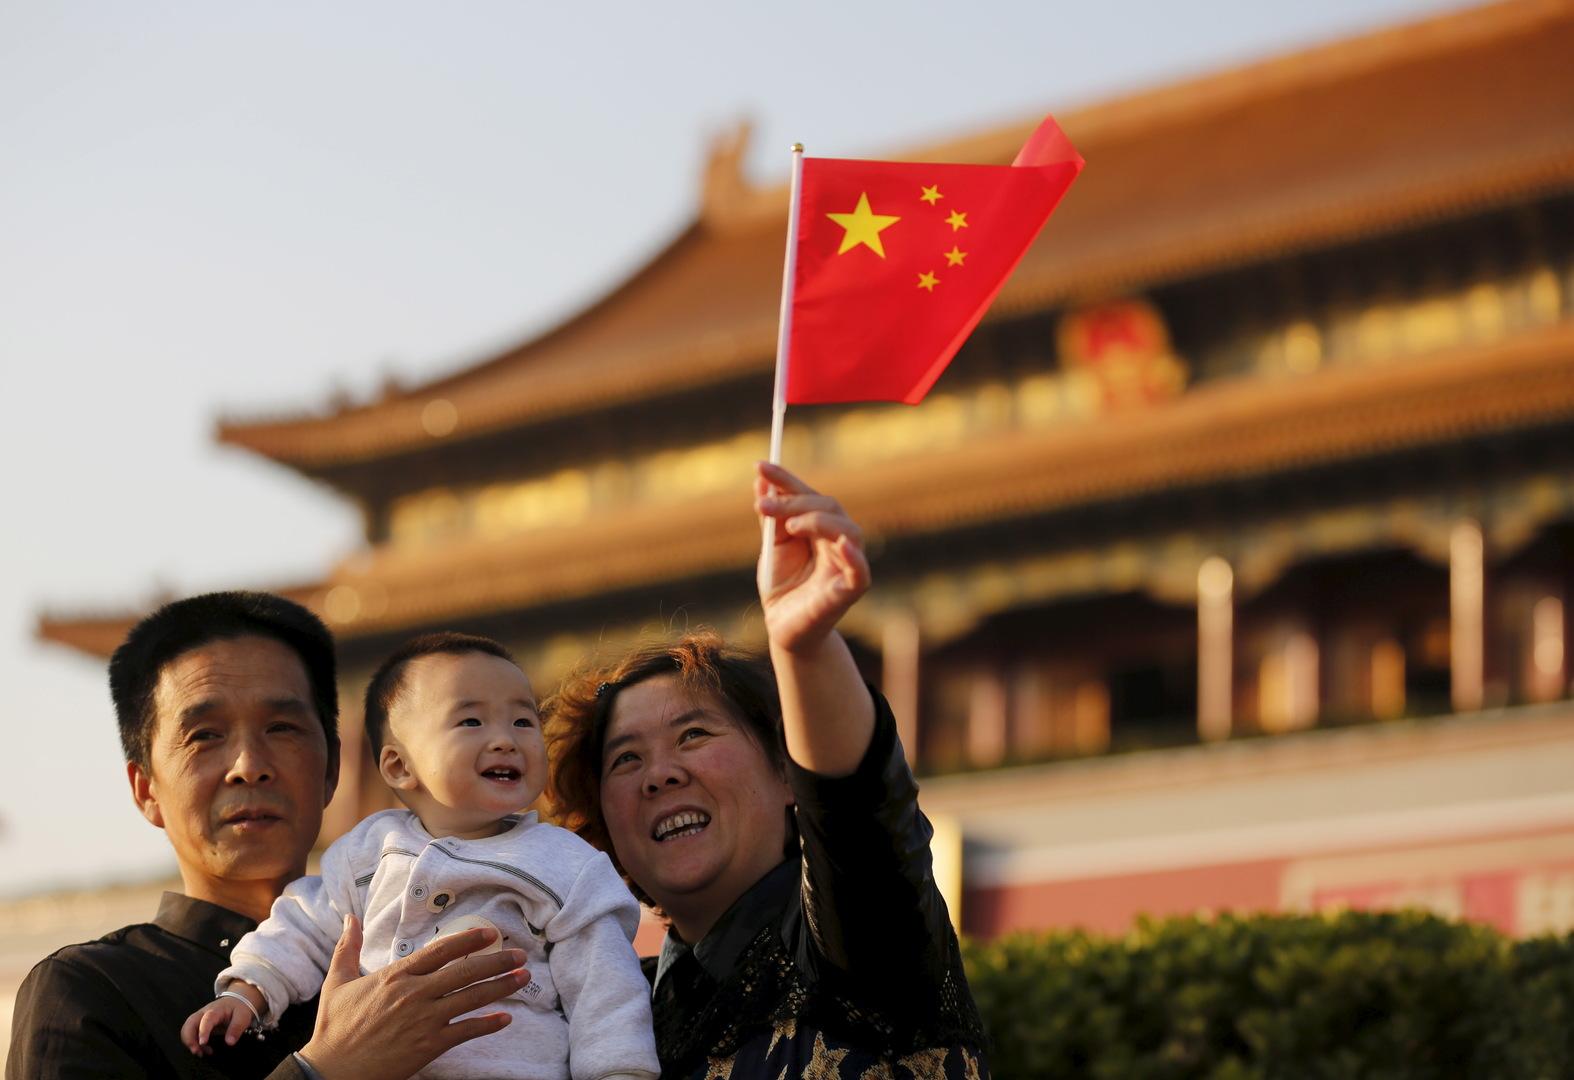 سكان الصين في تعداد رسمي جديد